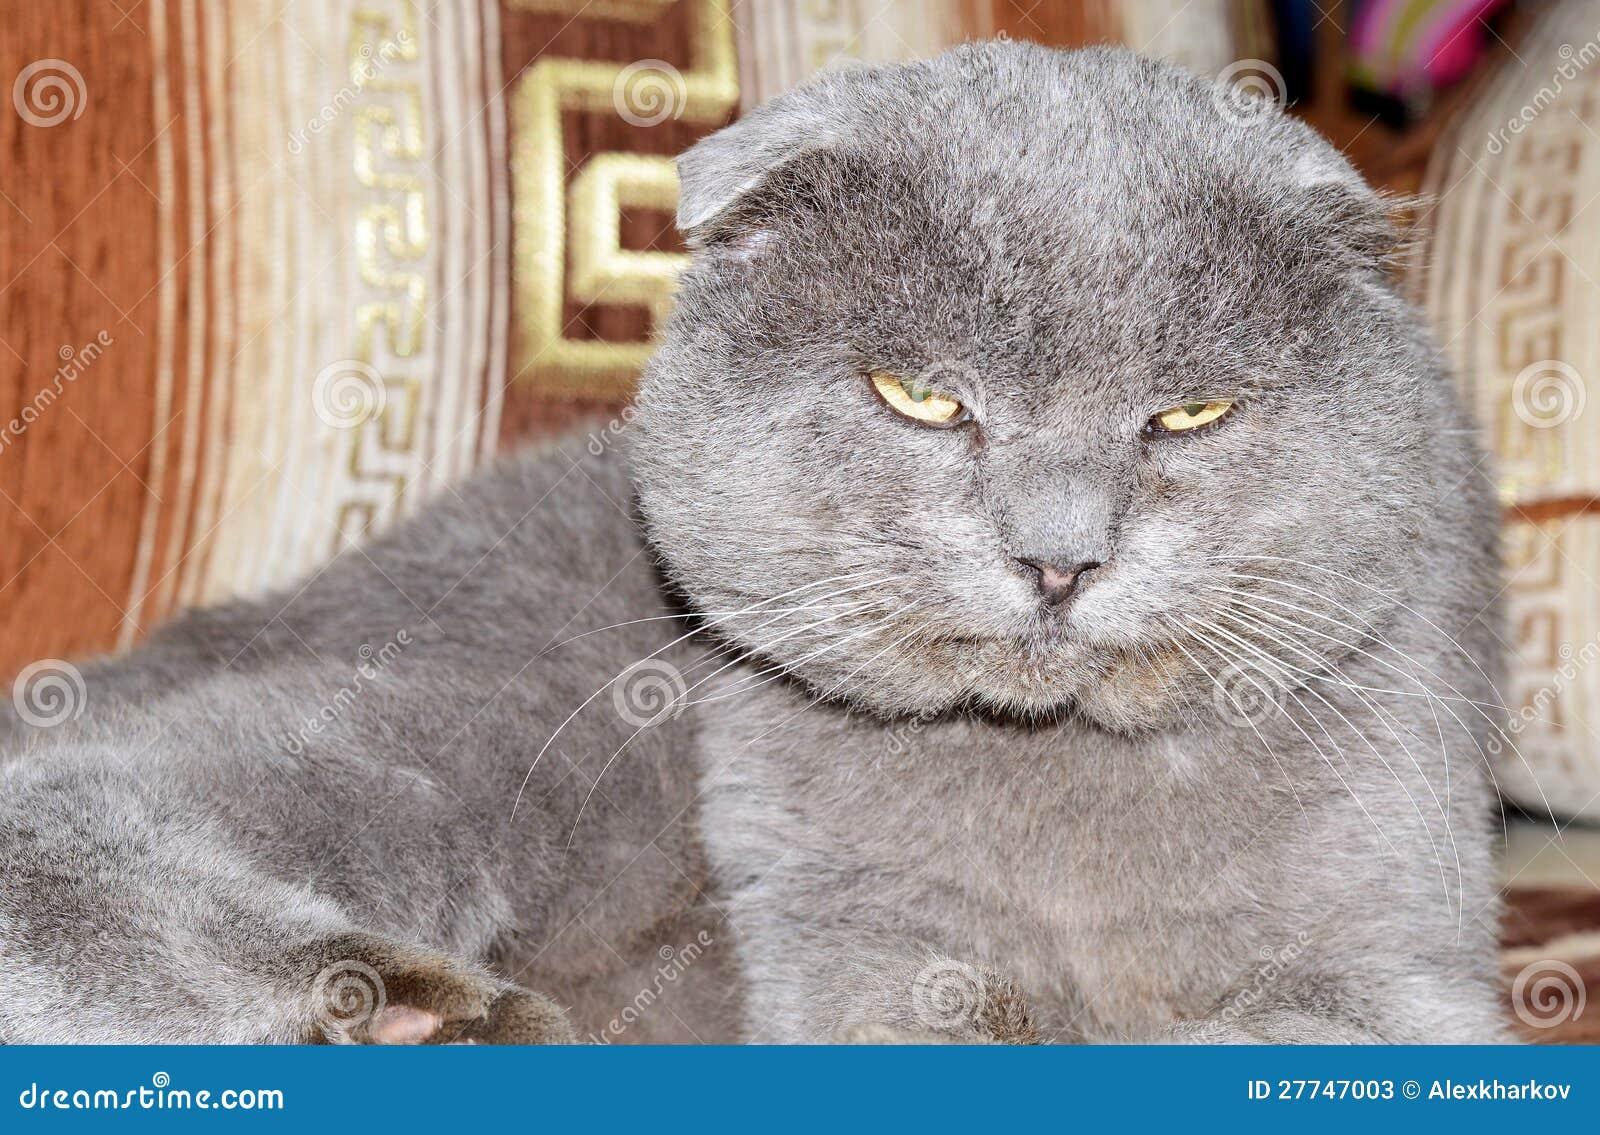 Scottish Fold Grey Cat Stock Image Image Of Domestic